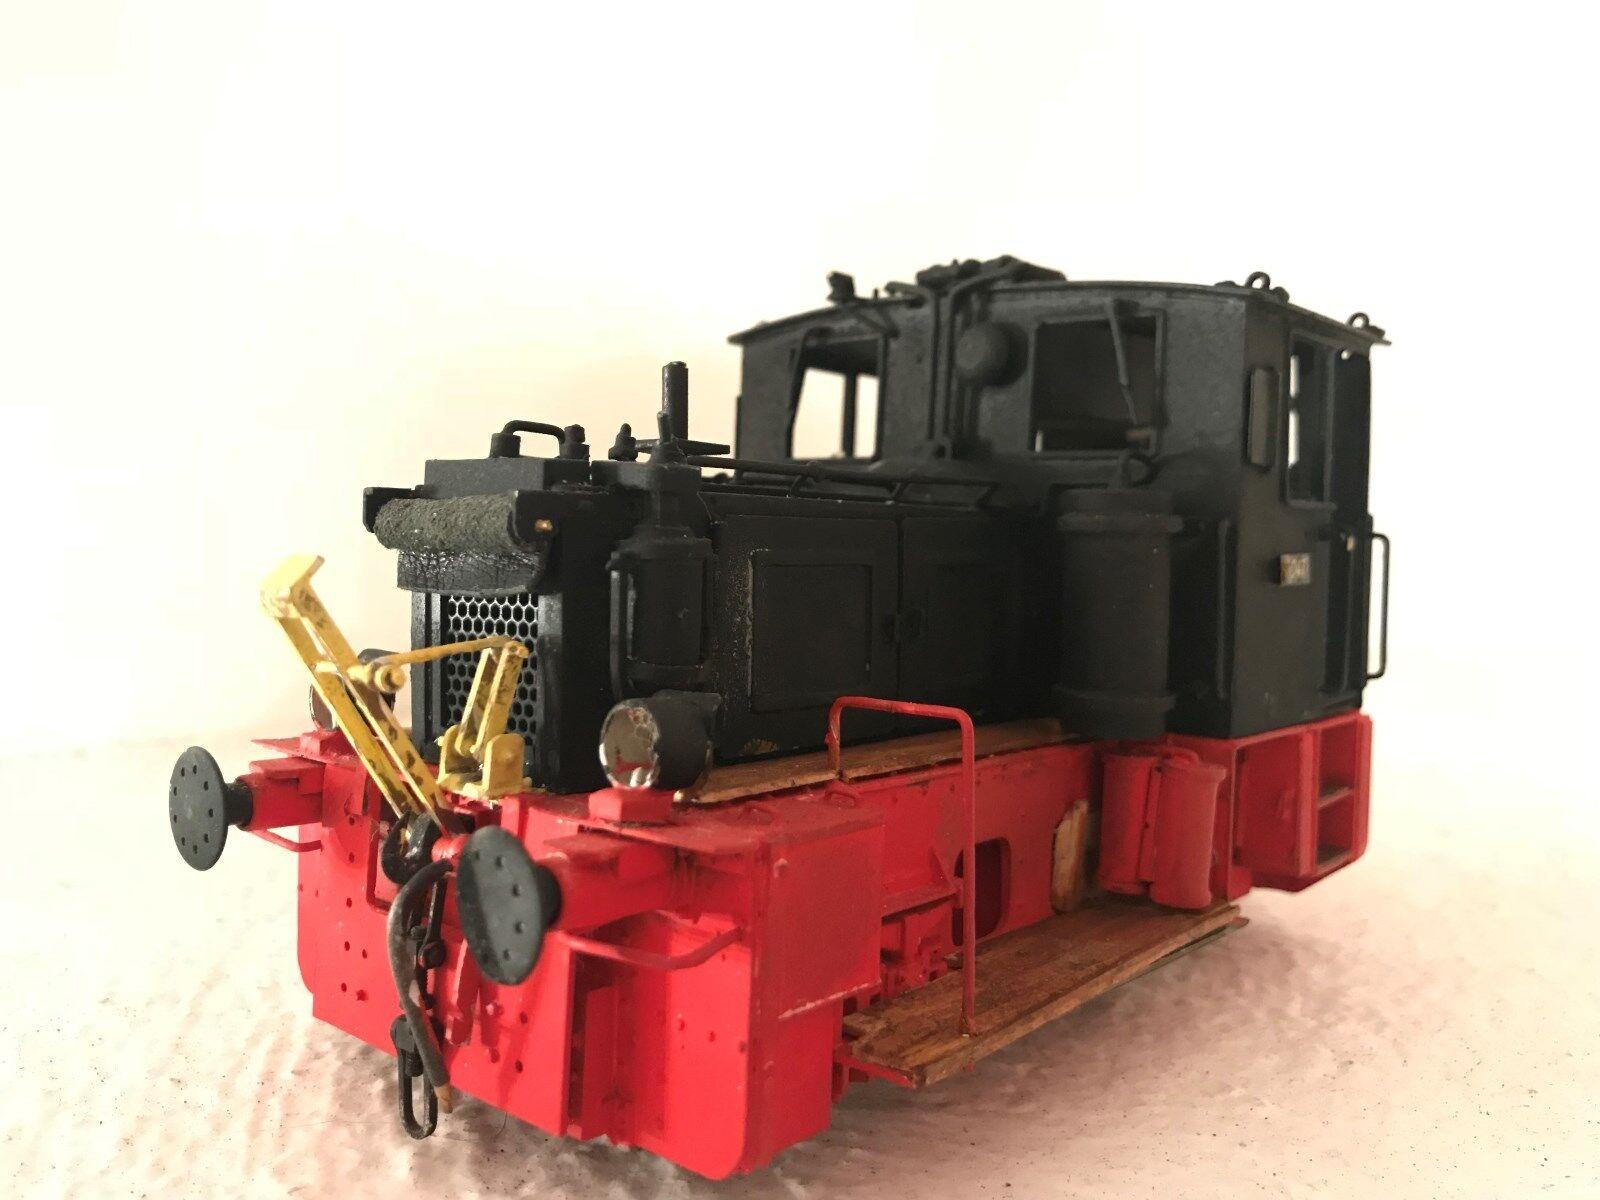 Köf Koe Traccia 1 Locomotiva Diesel Galtert Fatto a Mano Metallo per Märklin